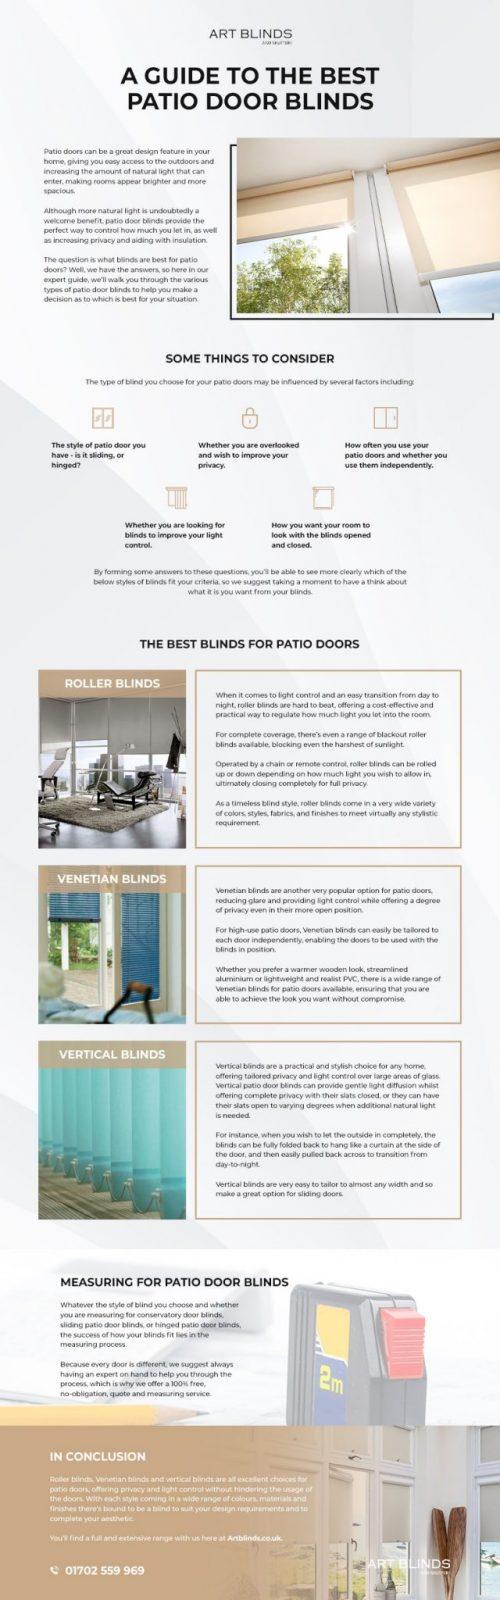 Best Patio Door Blinds